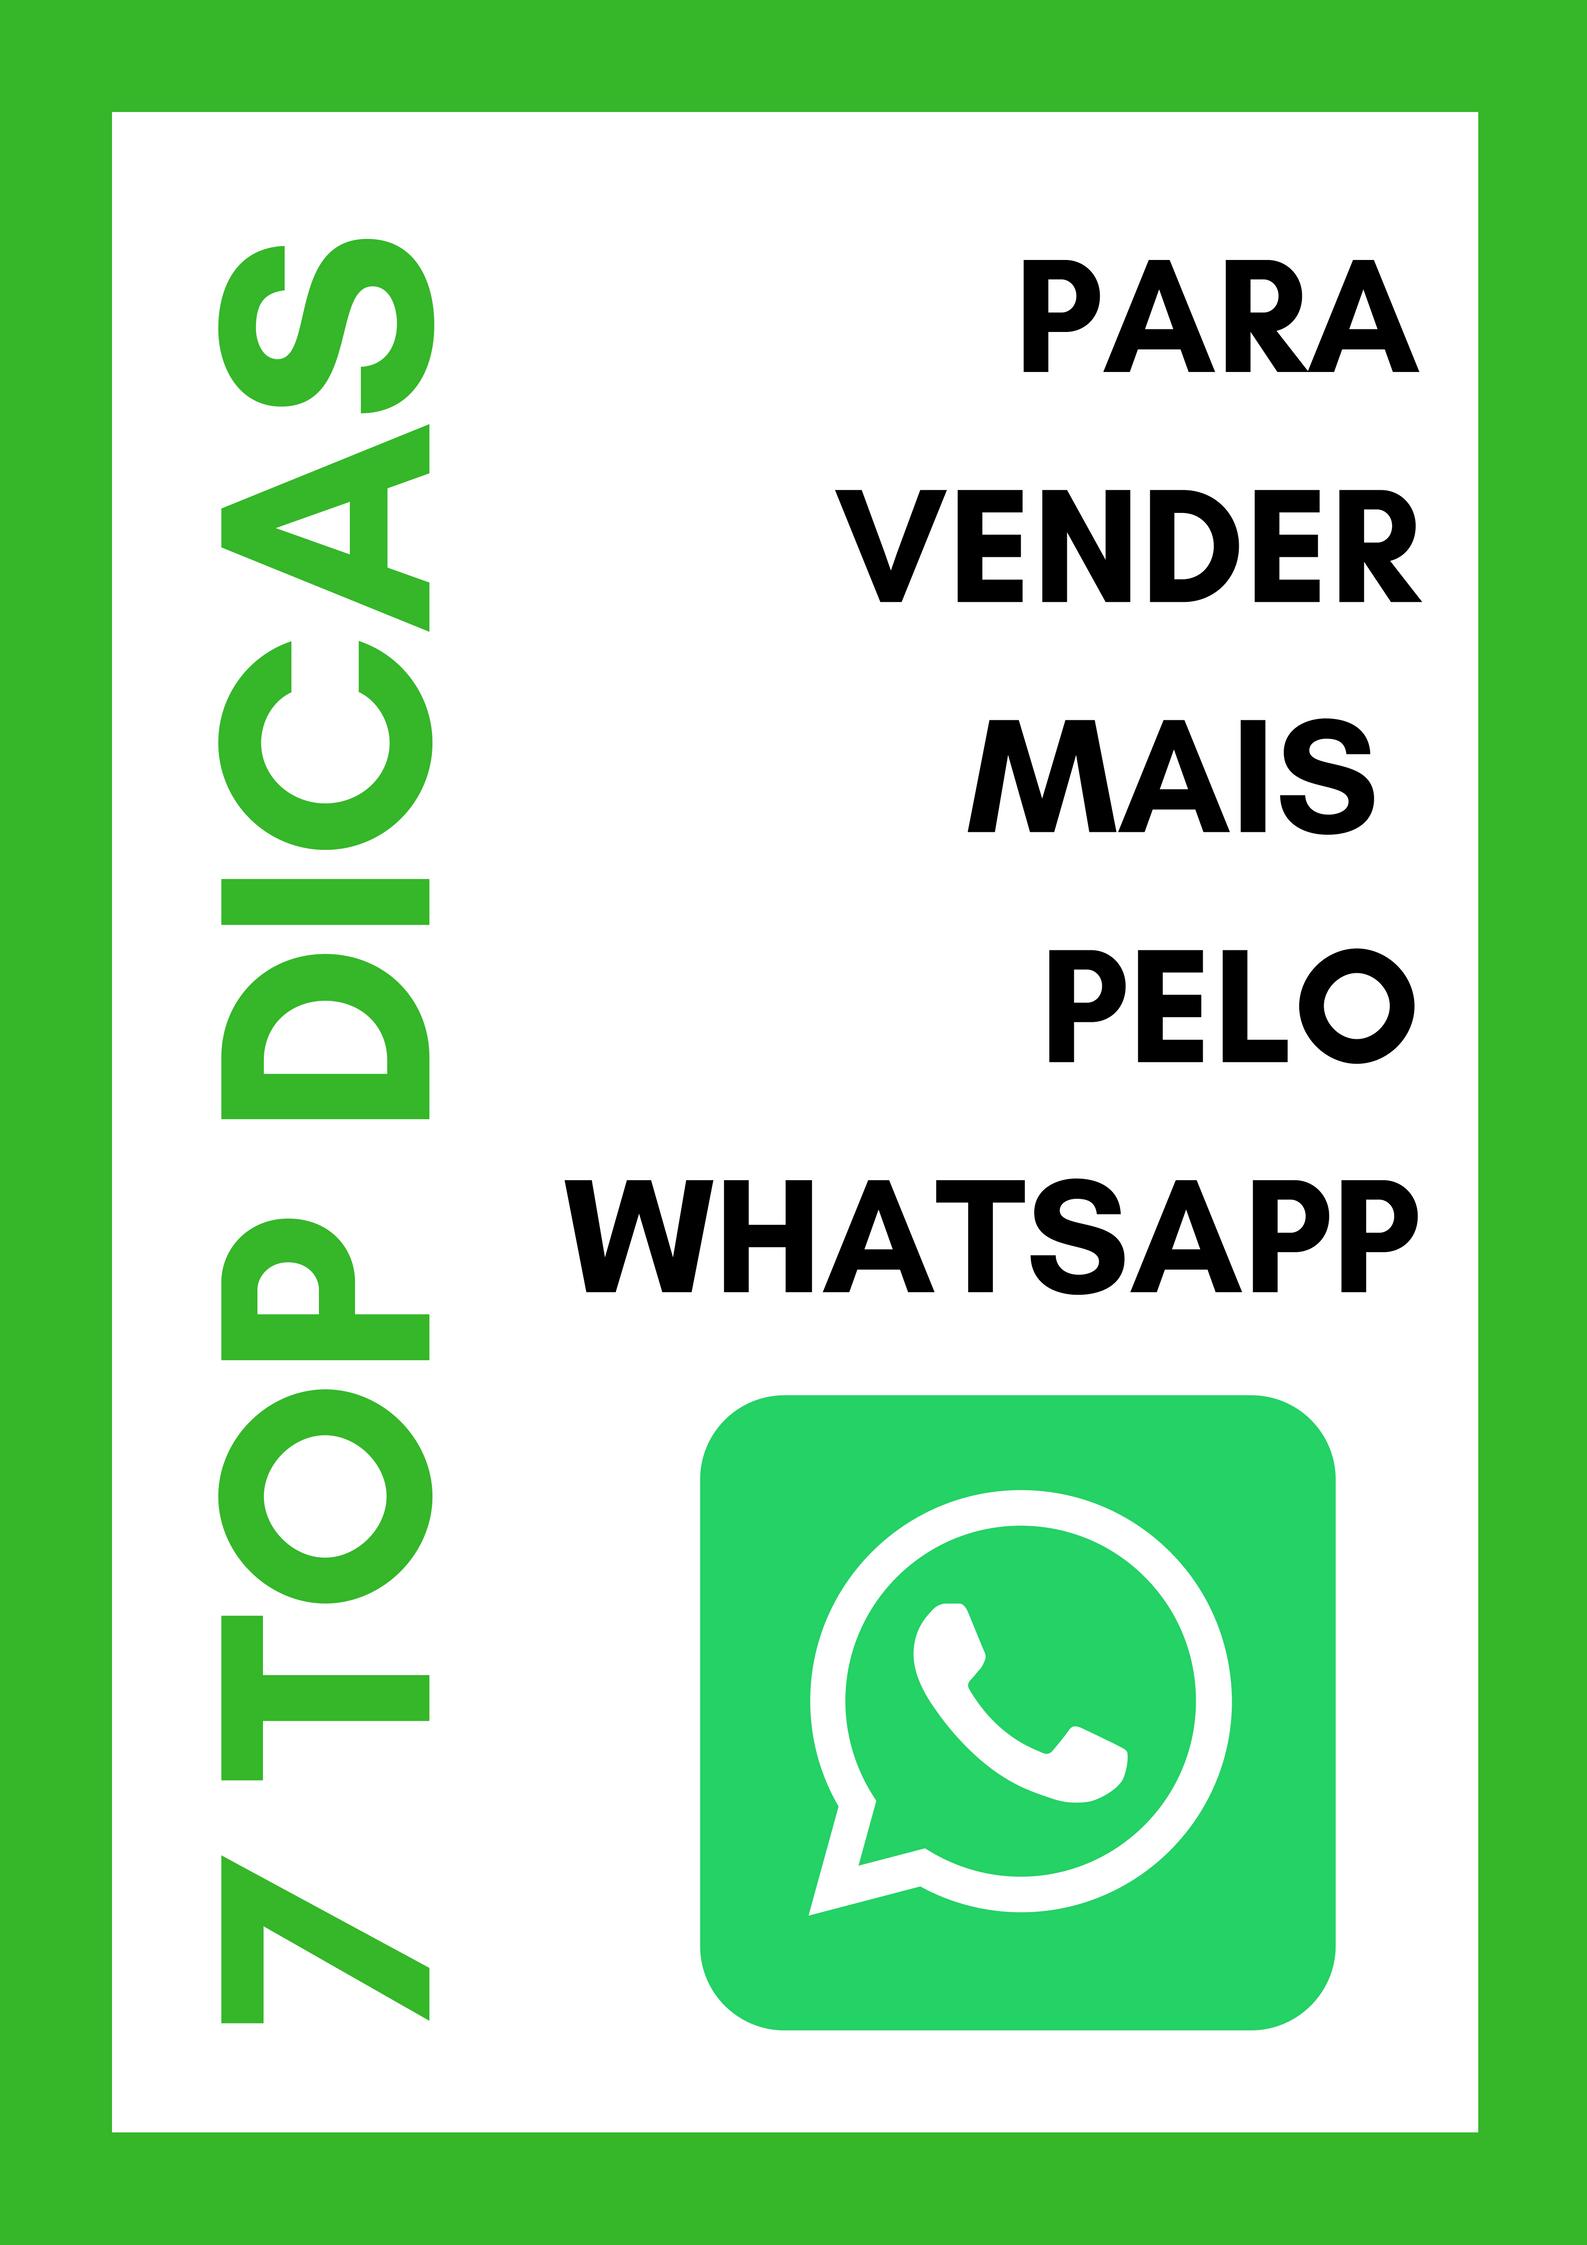 Como Vender Pelo Whatsapp Businessvender Mais Pelo Whatsappcomo